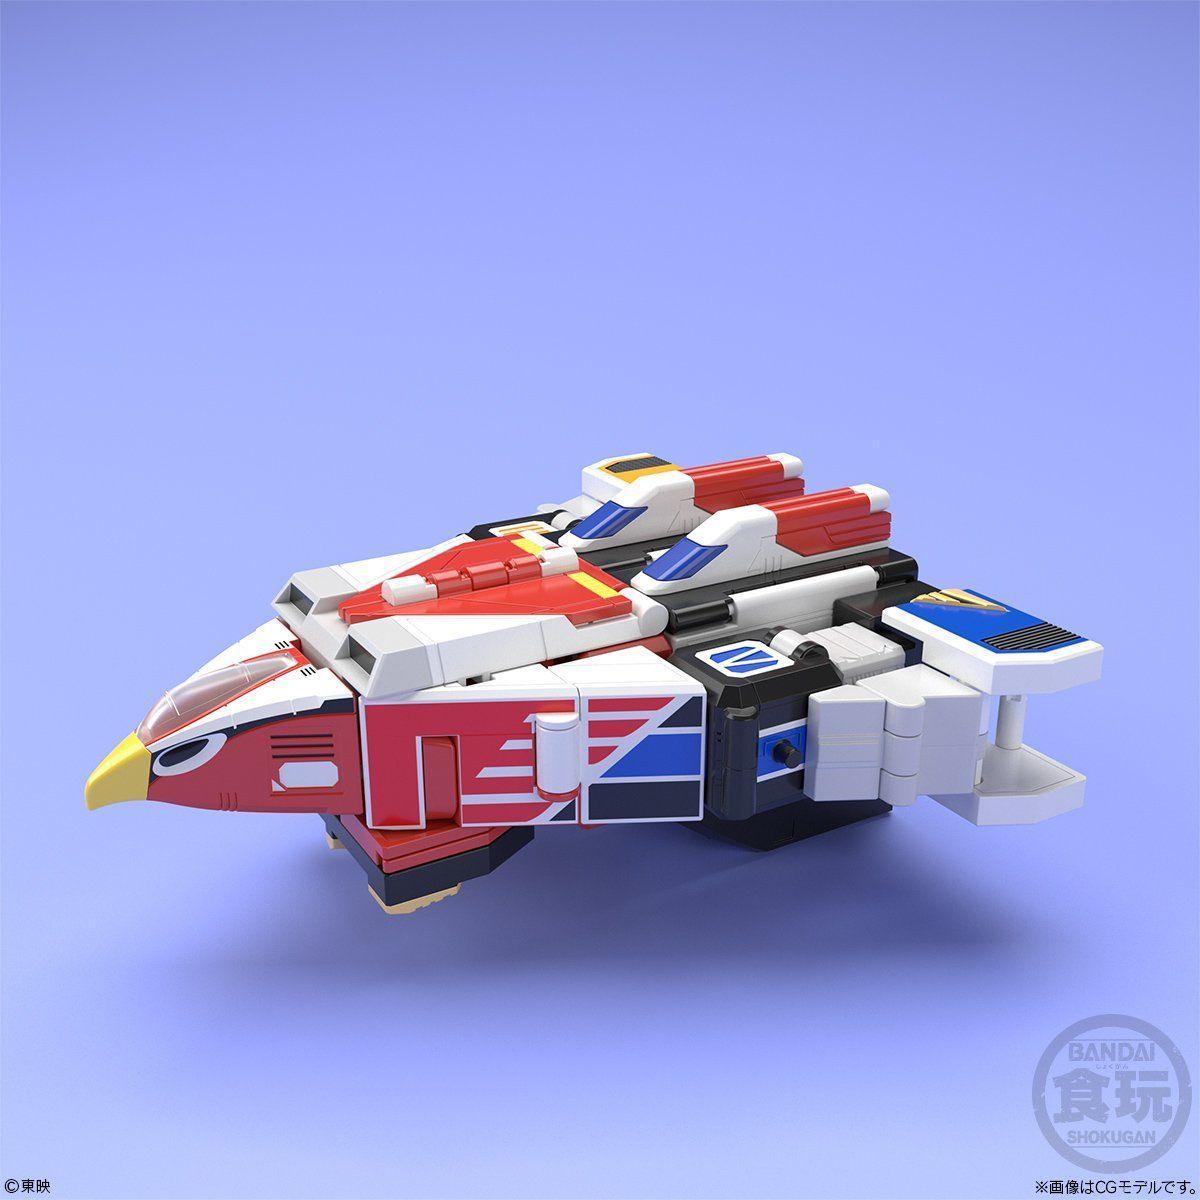 【食玩】スーパーミニプラ『天空合体 ジェットイカロス』鳥人戦隊ジェットマン プラモデル 5個入りBOX-007